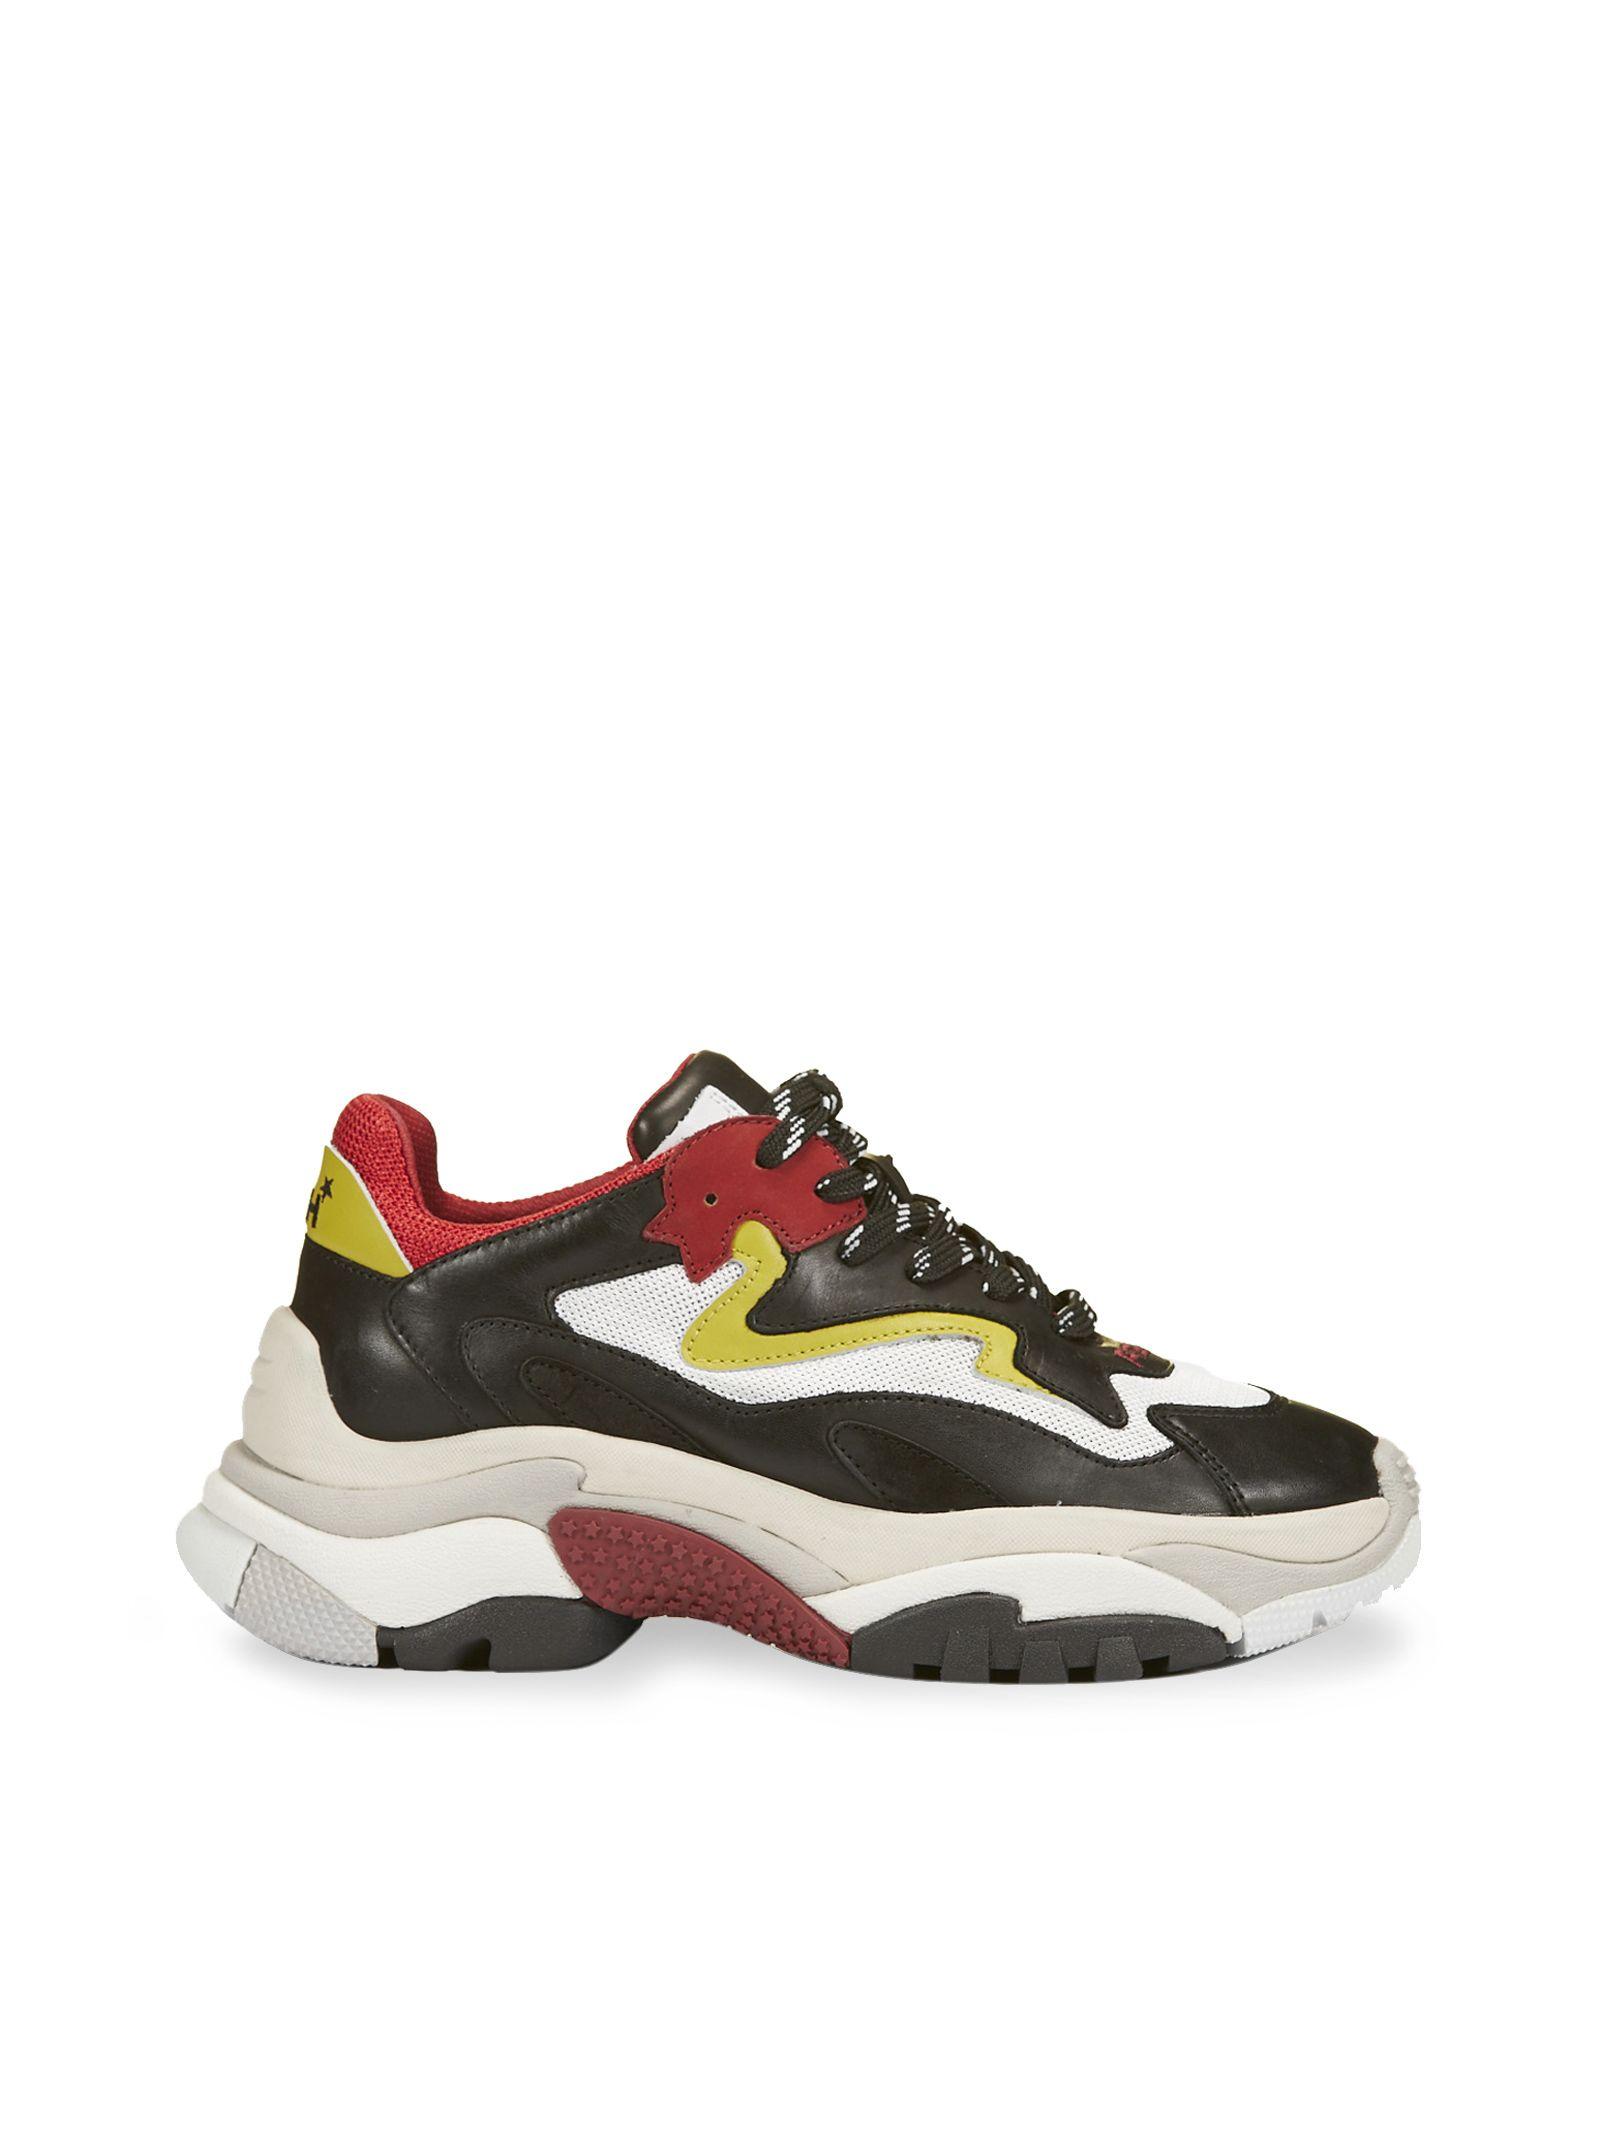 Ash Shoes Size